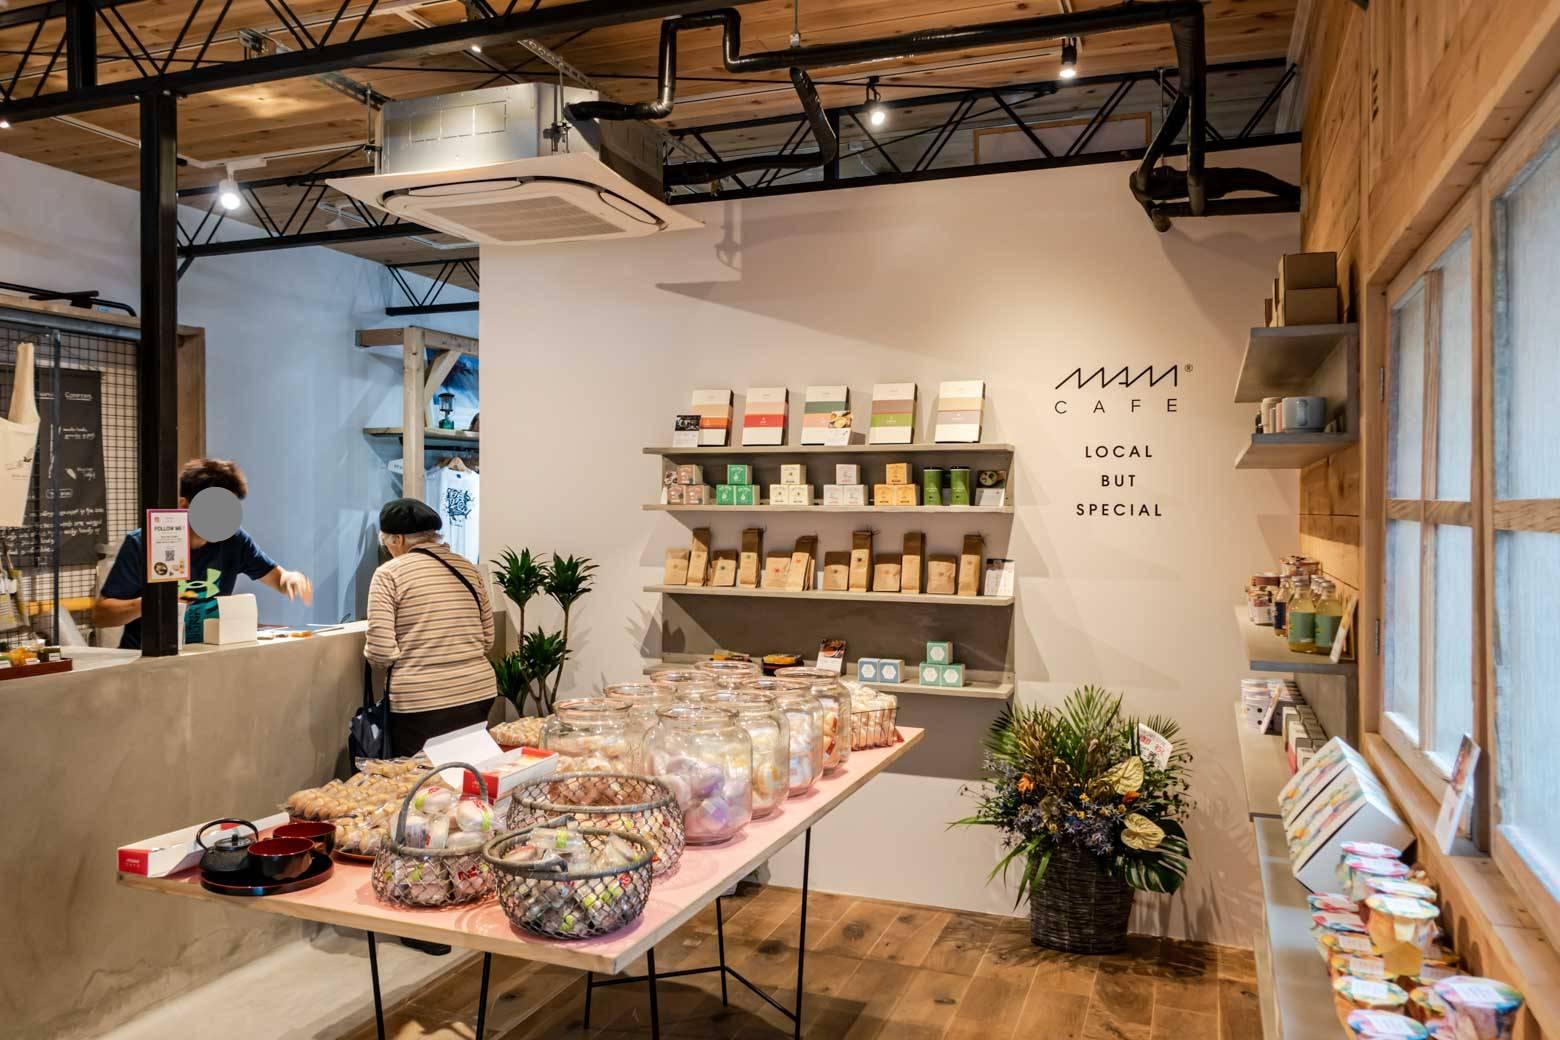 日本各地の美味しいお菓子や飲み物などが取り揃えられています。